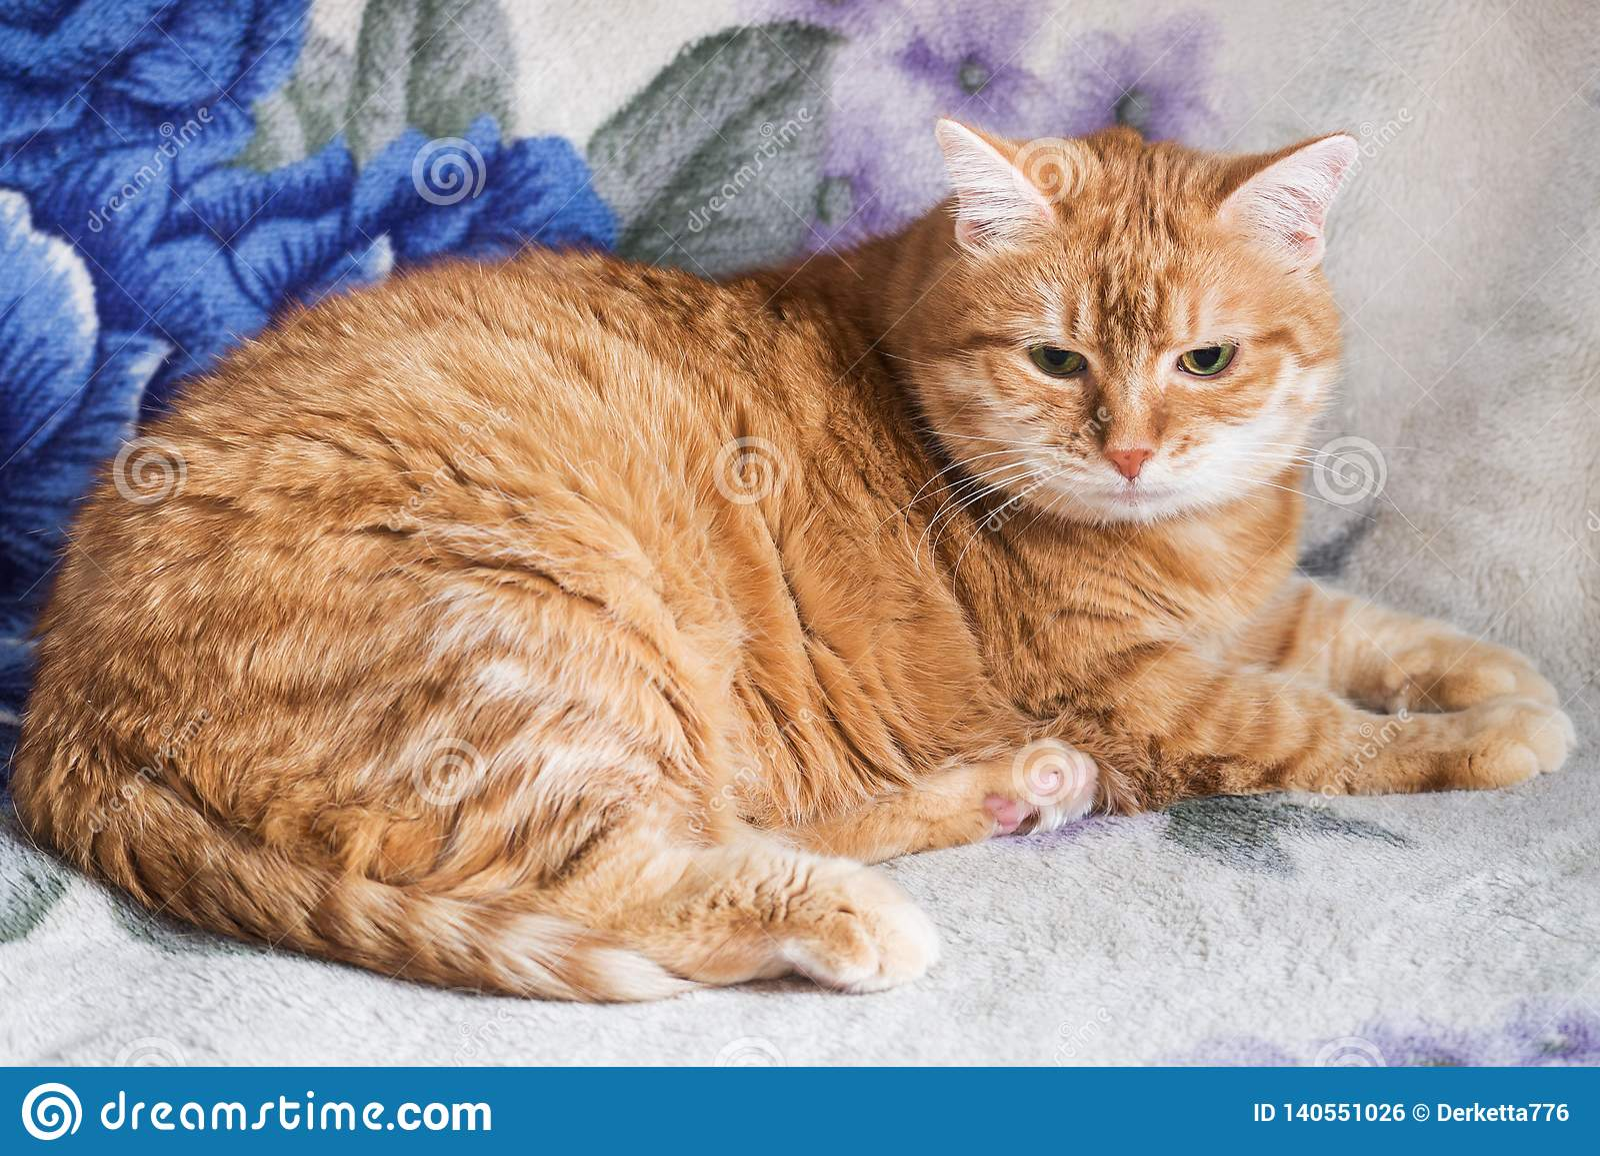 De rode kat rust op een deken